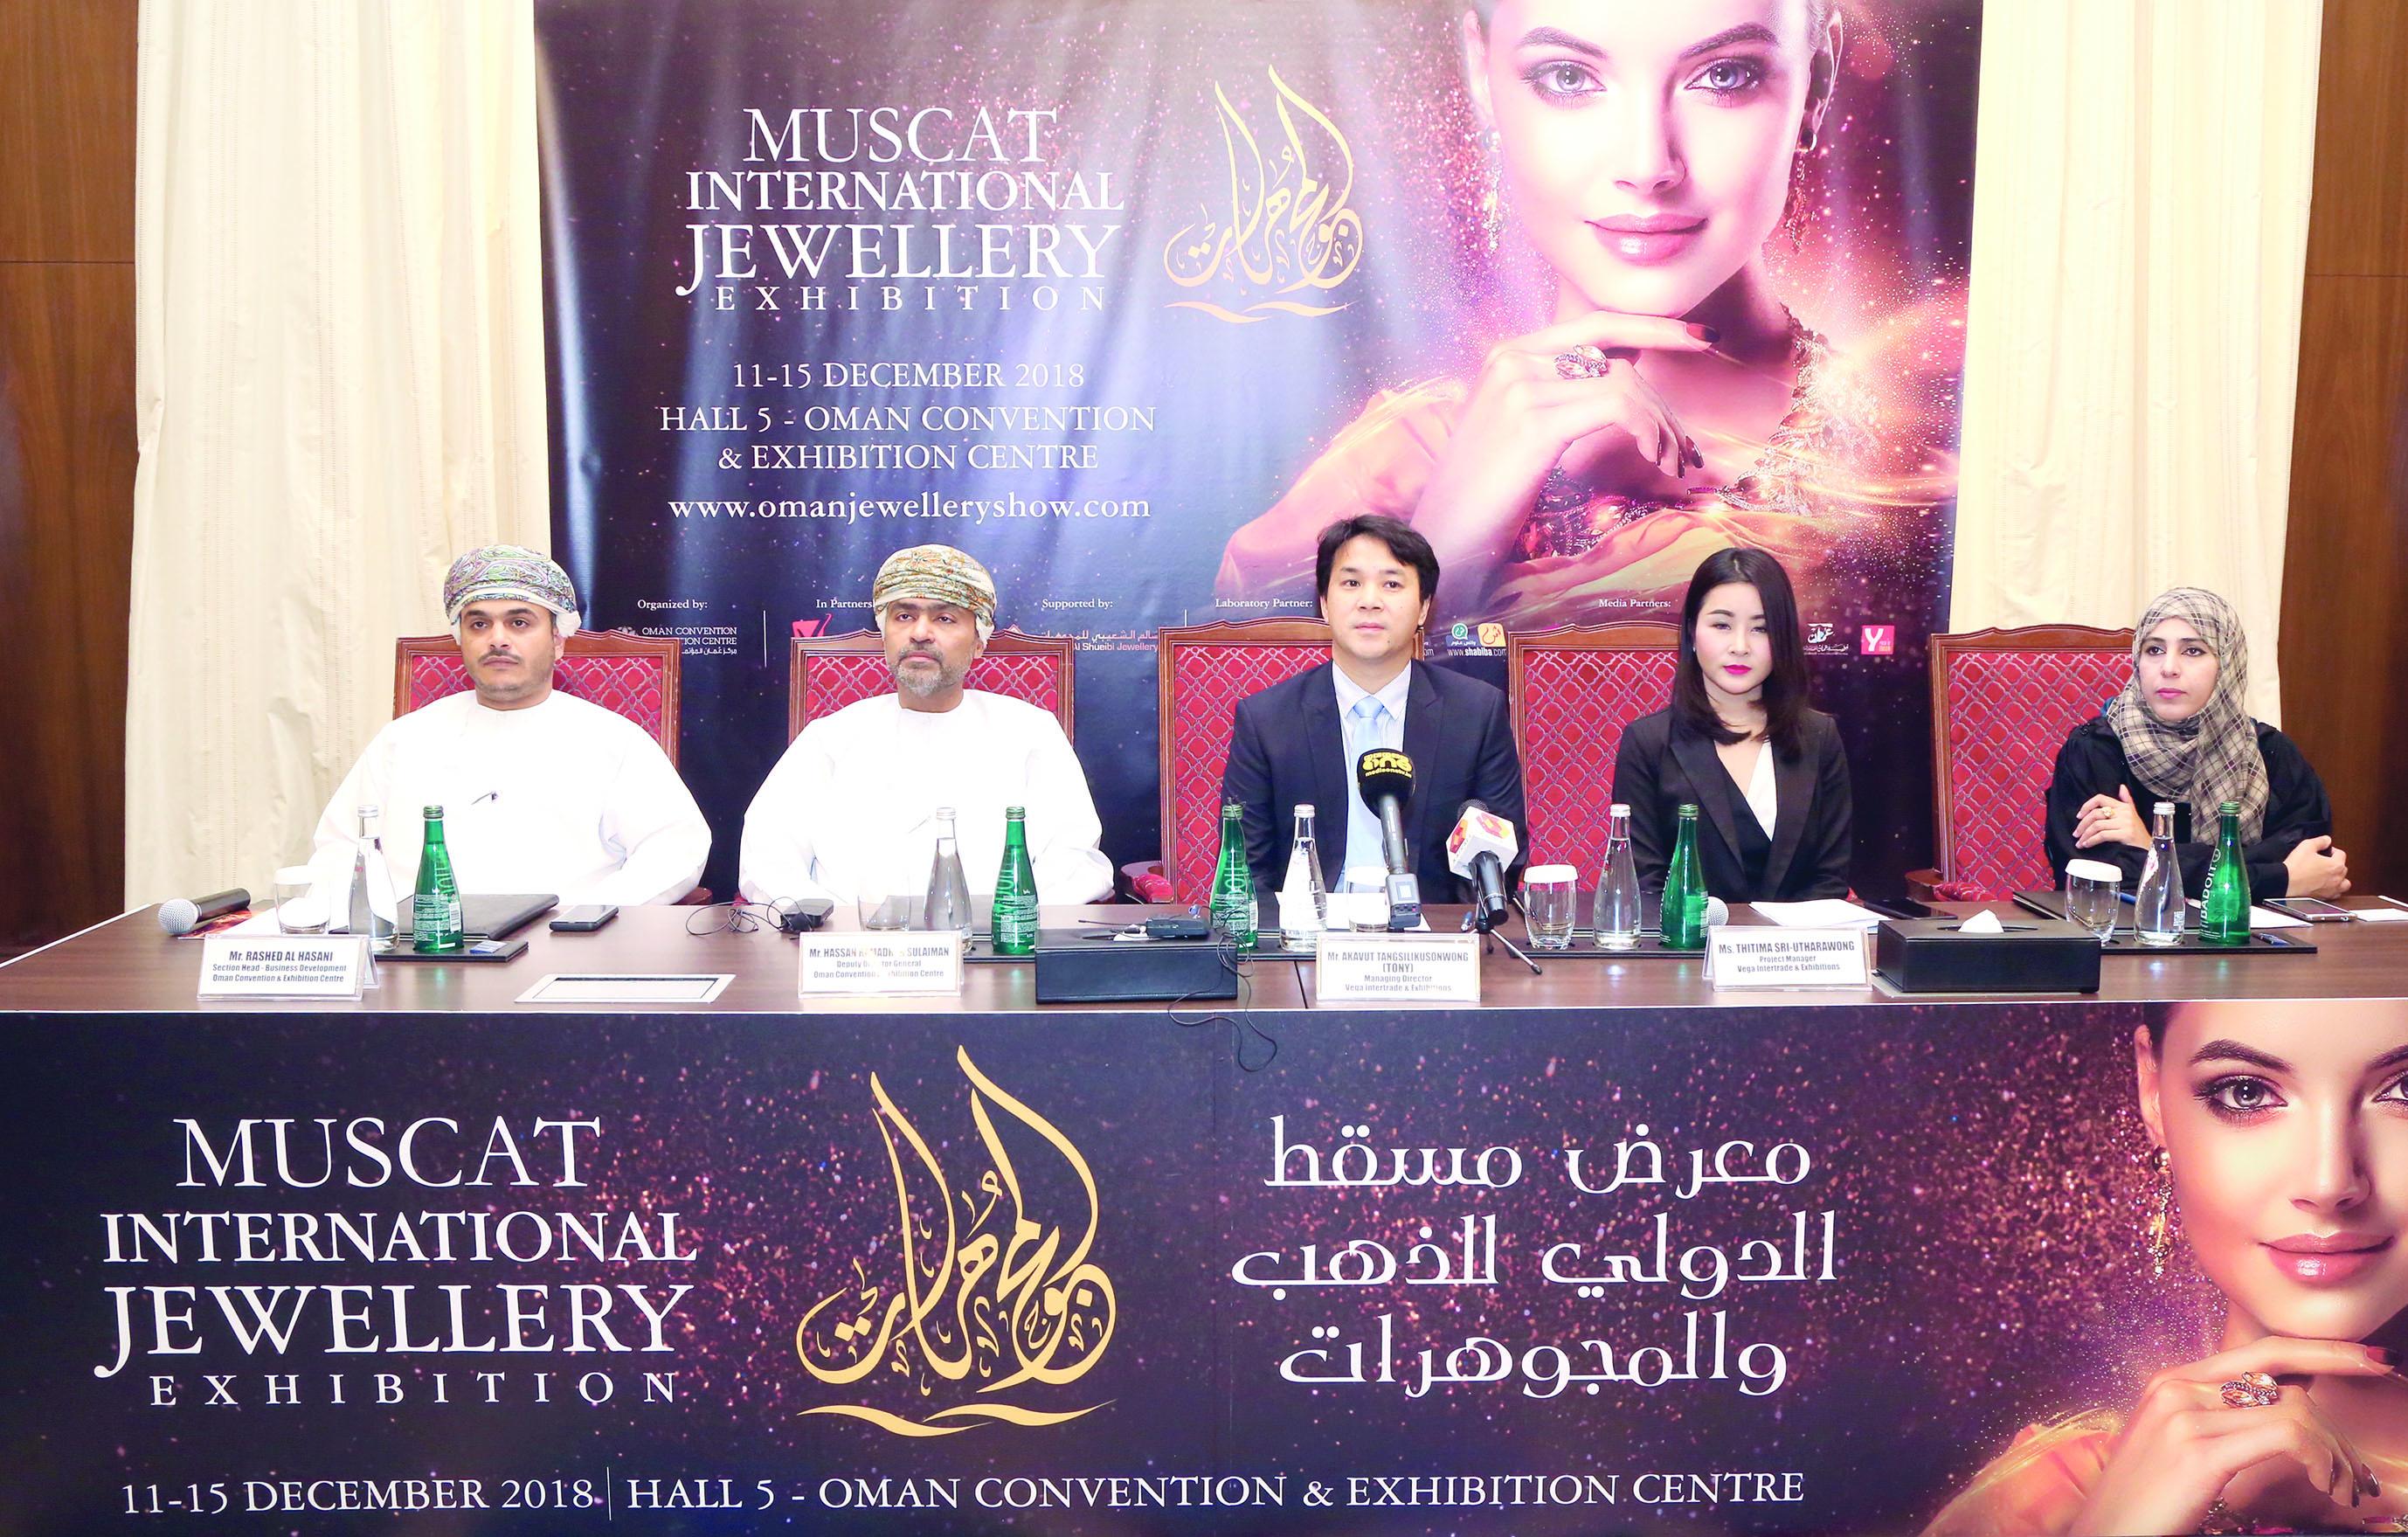 افتتاح معرض مسقط الدولي للمجوهرات